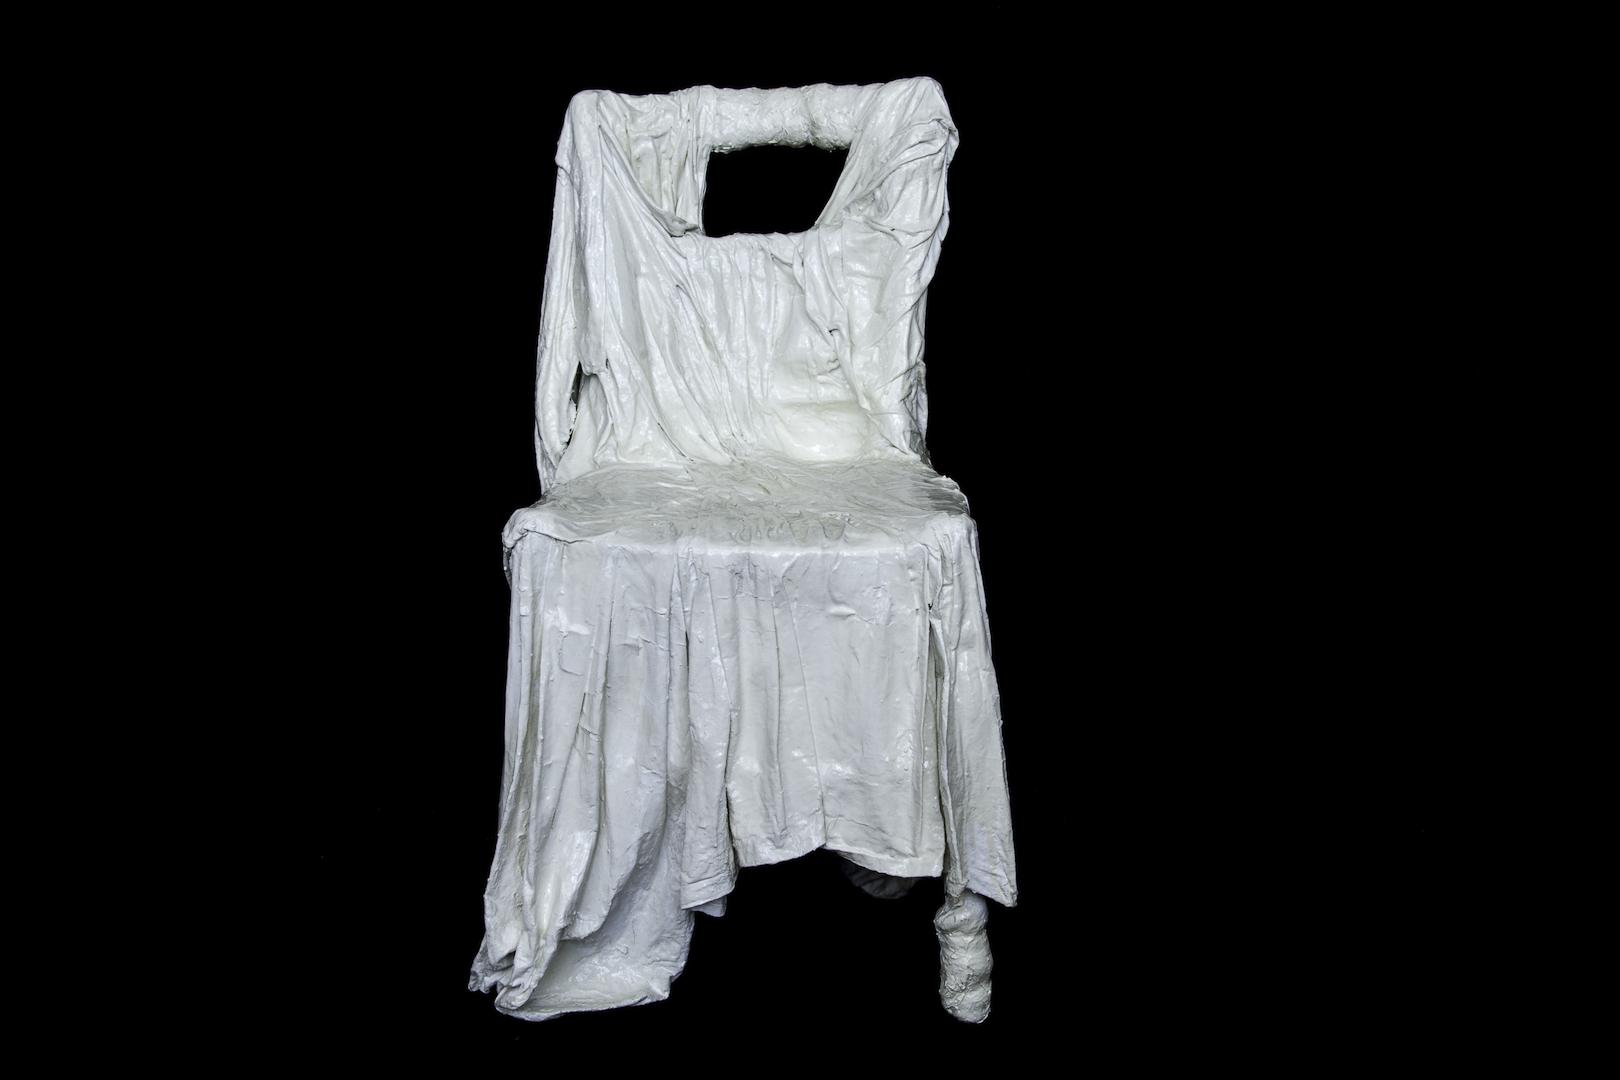 Voix brisée, chaise (bois, tissus divers, plâtre, acrylique)